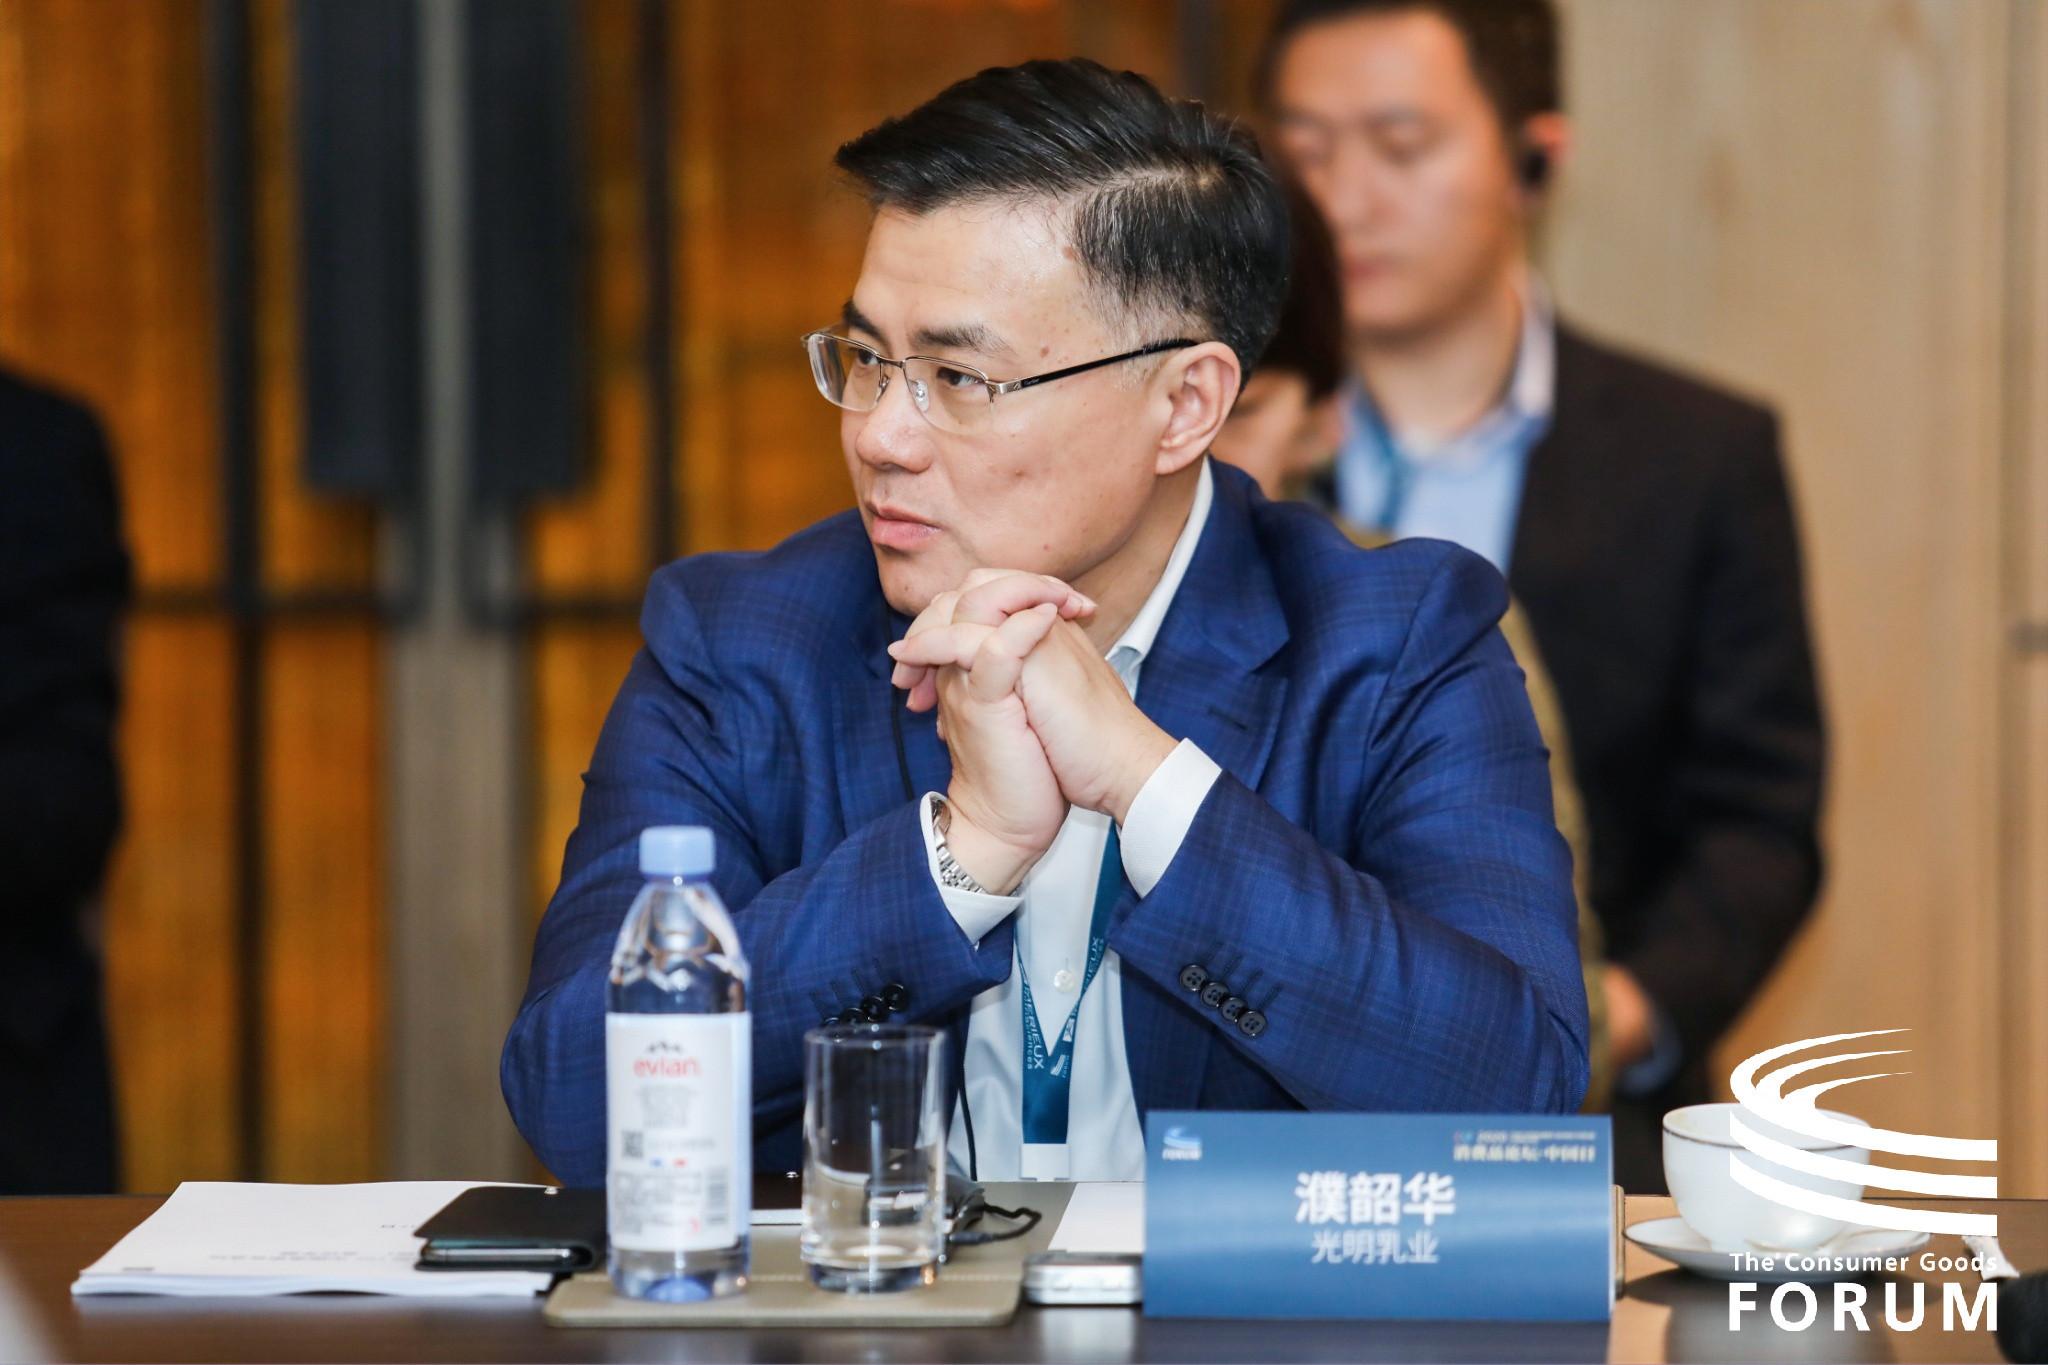 2020第三届消费品论坛(CGF)中国日-8